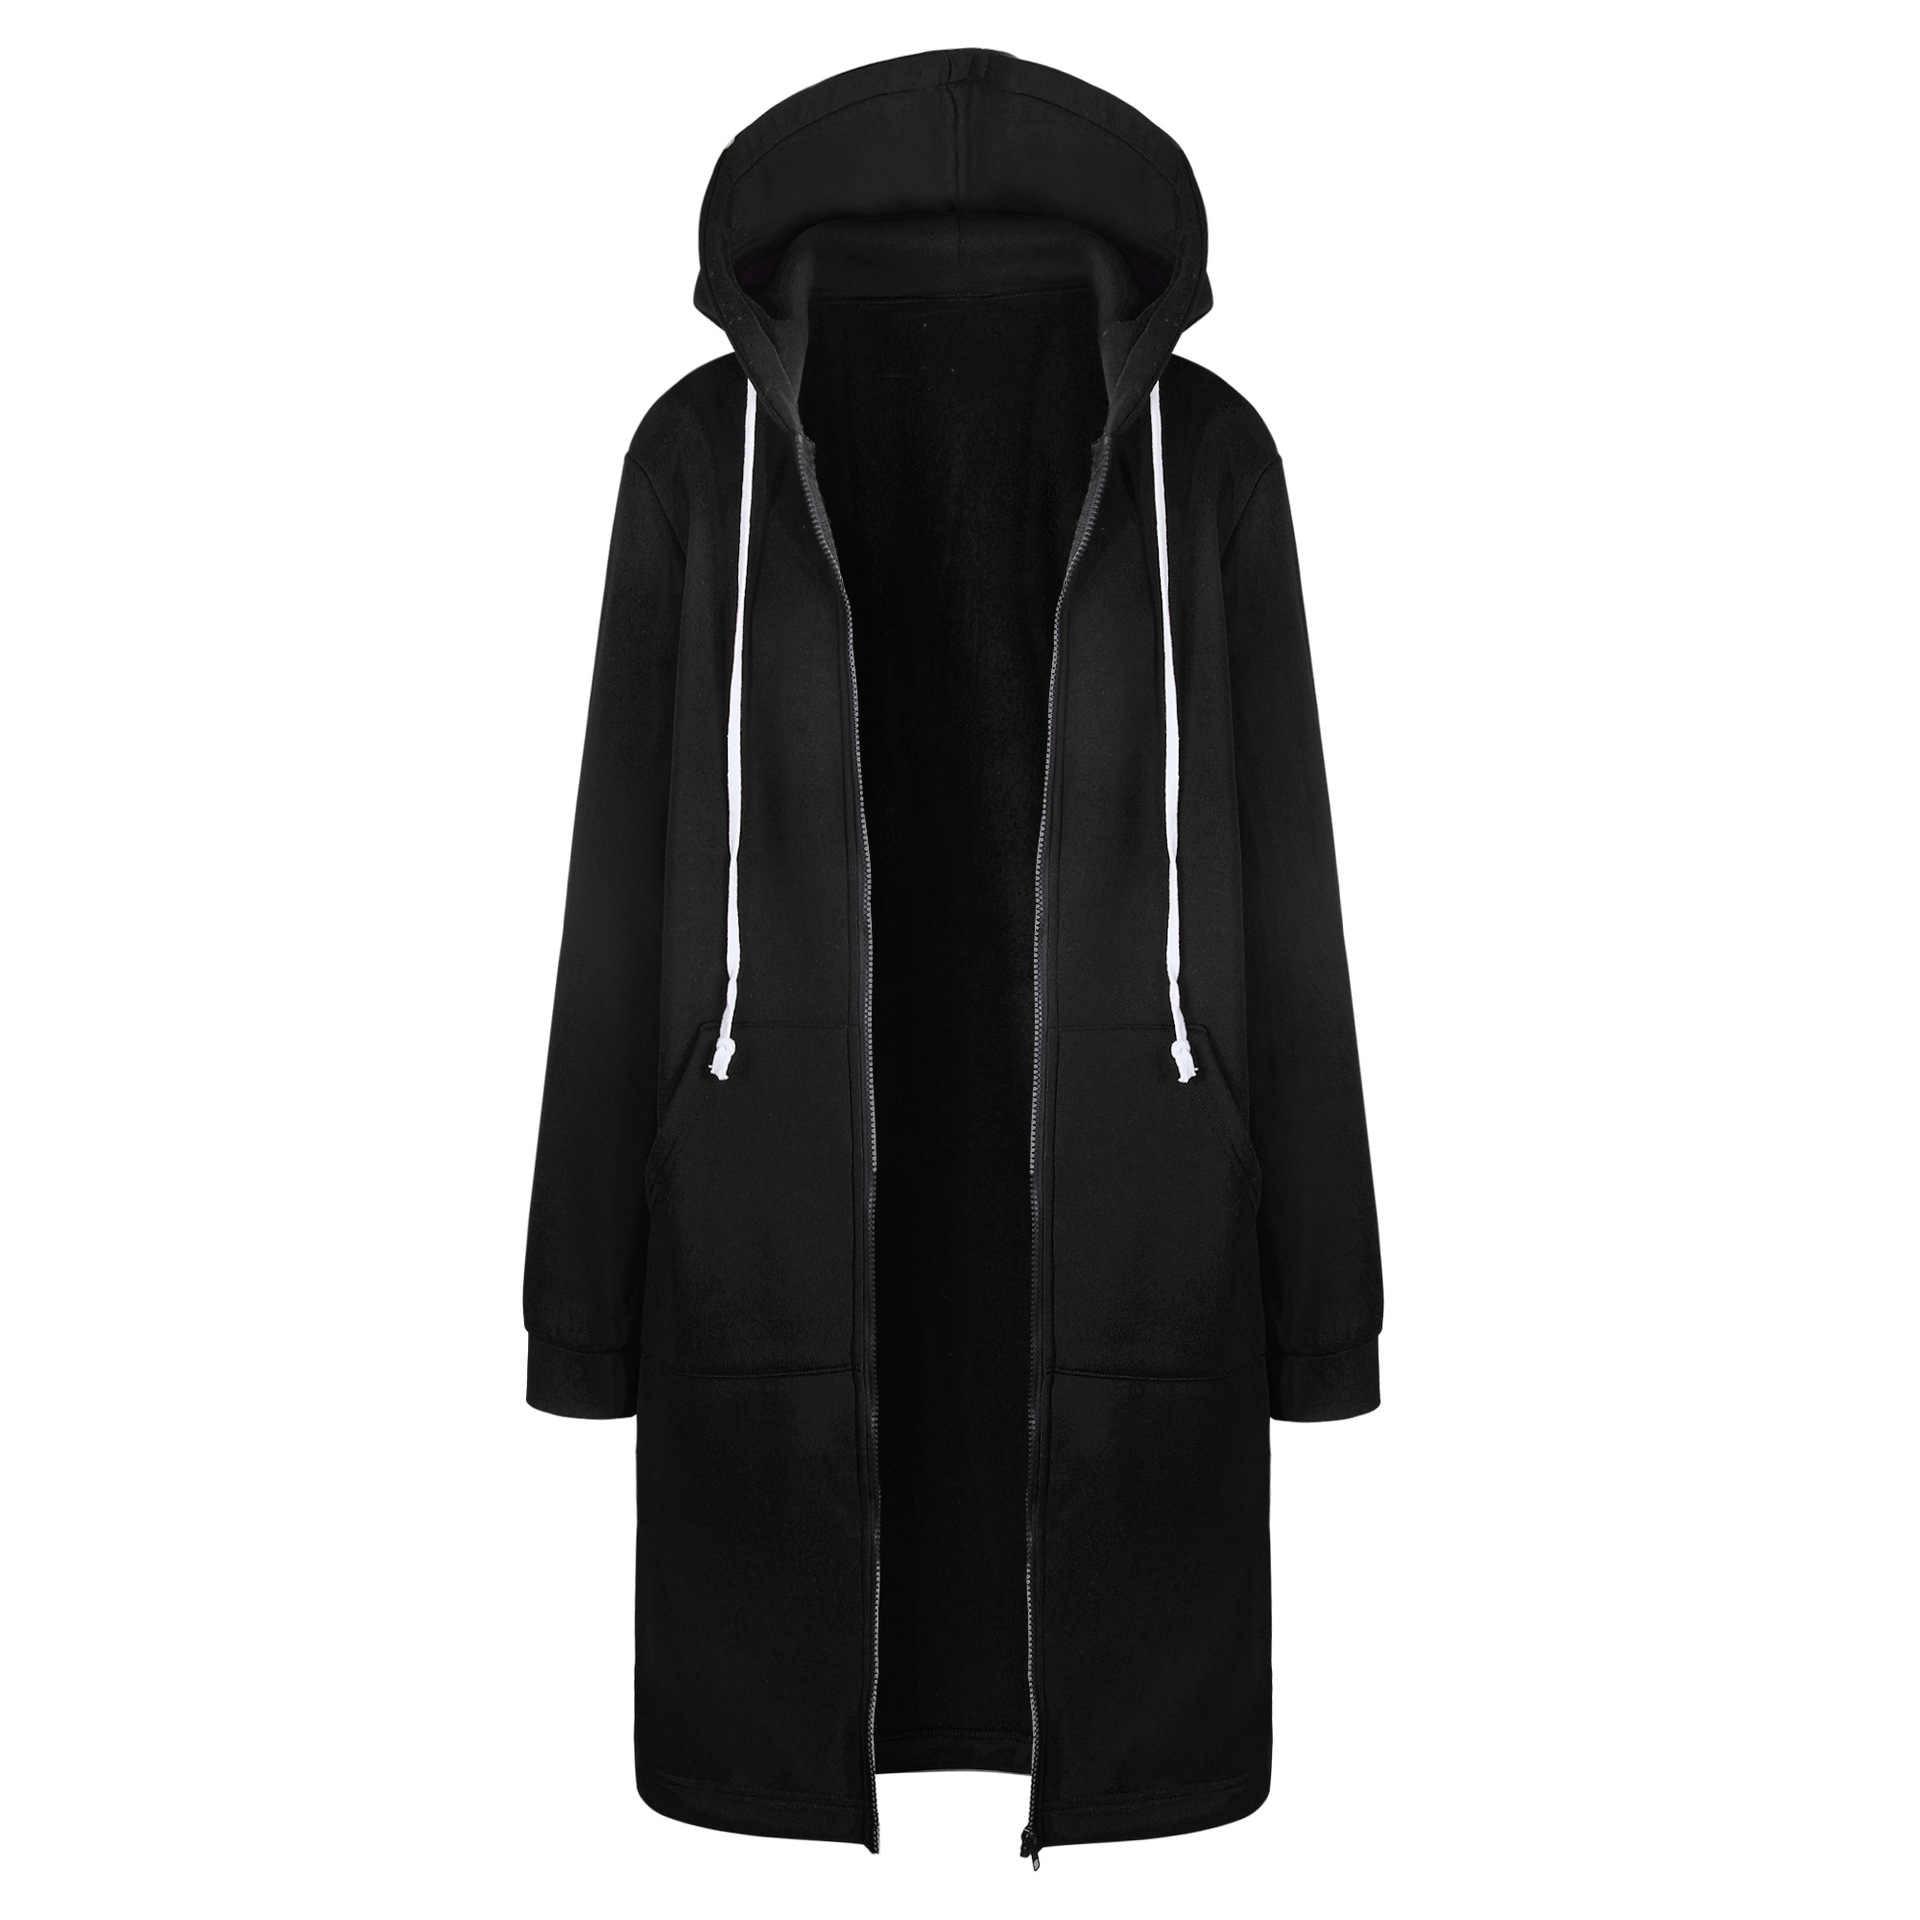 Grande taille femmes Long manteau 2019 automne hiver veste à capuche à fermeture éclaire décontracté coupe-vent femme noir gris Cardigans Outwear 5XL